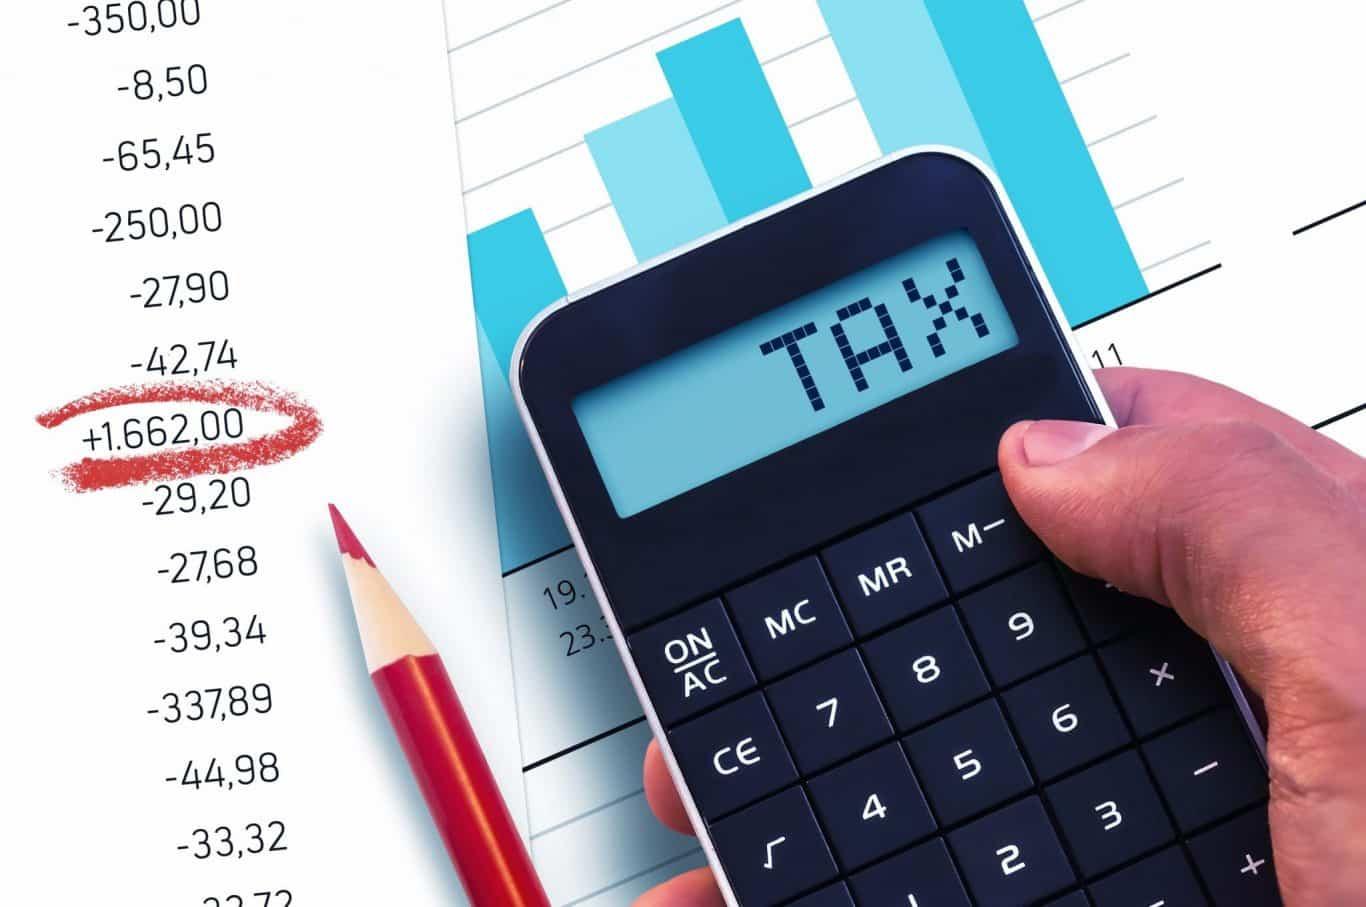 Lei que altera cobrança do Imposto Sobre Serviços (ISS) é sancionada e entra em vigor | Juristas